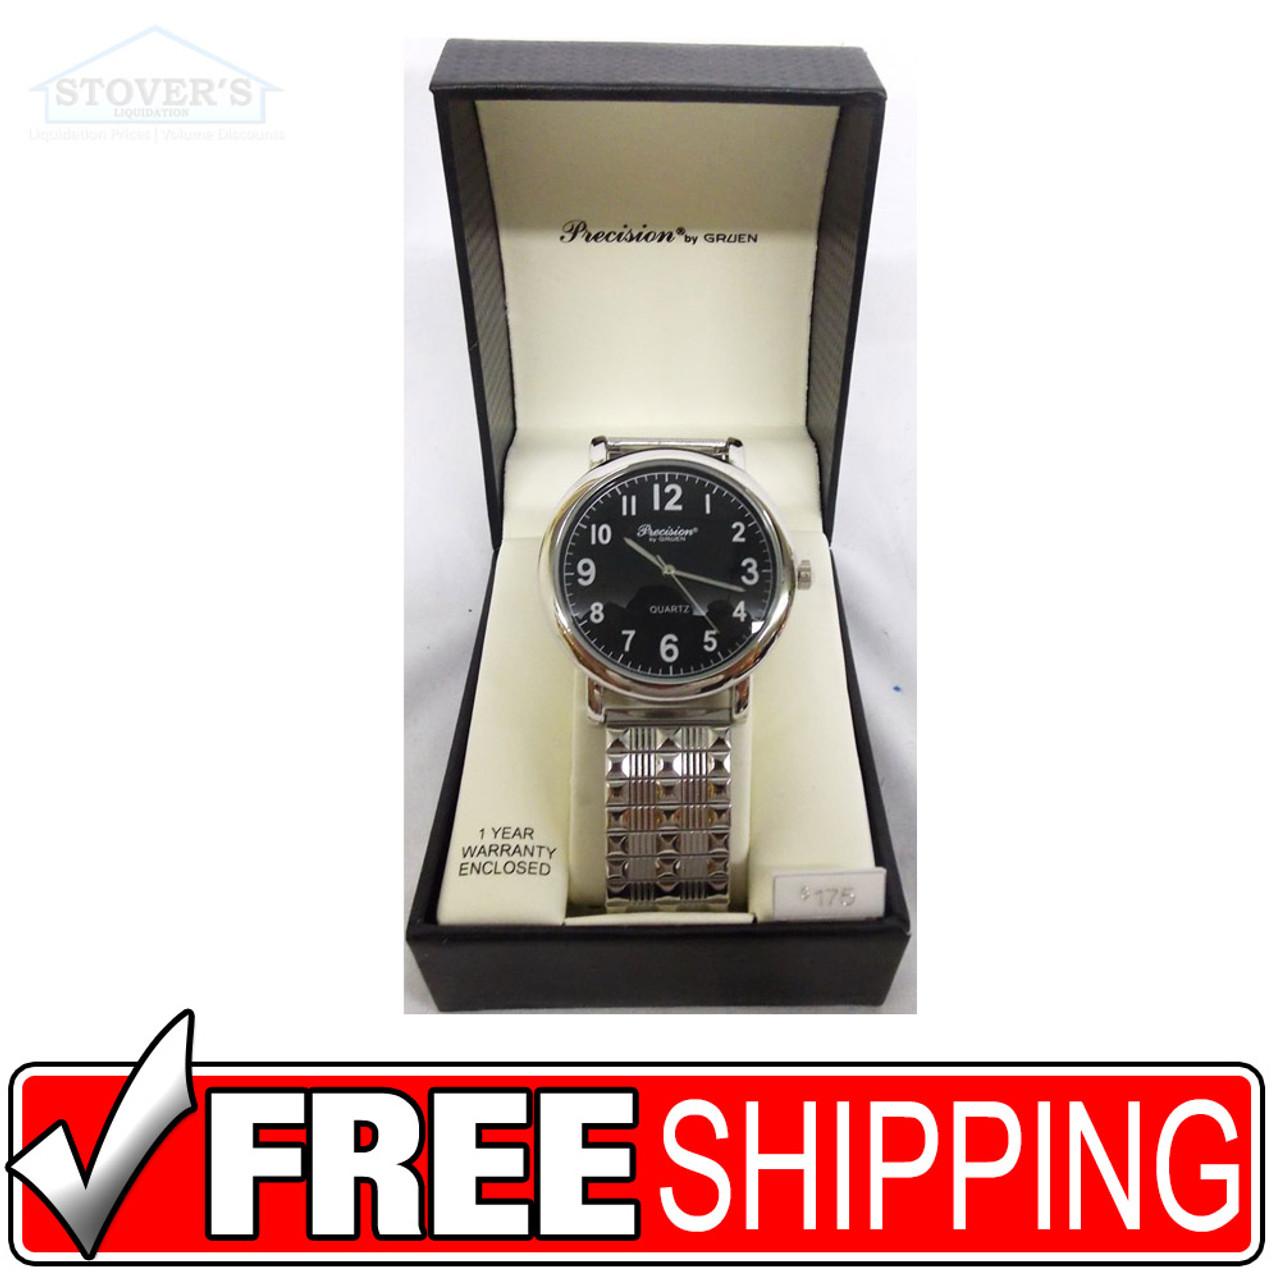 Men's Watch - Silver Precision by Gruen